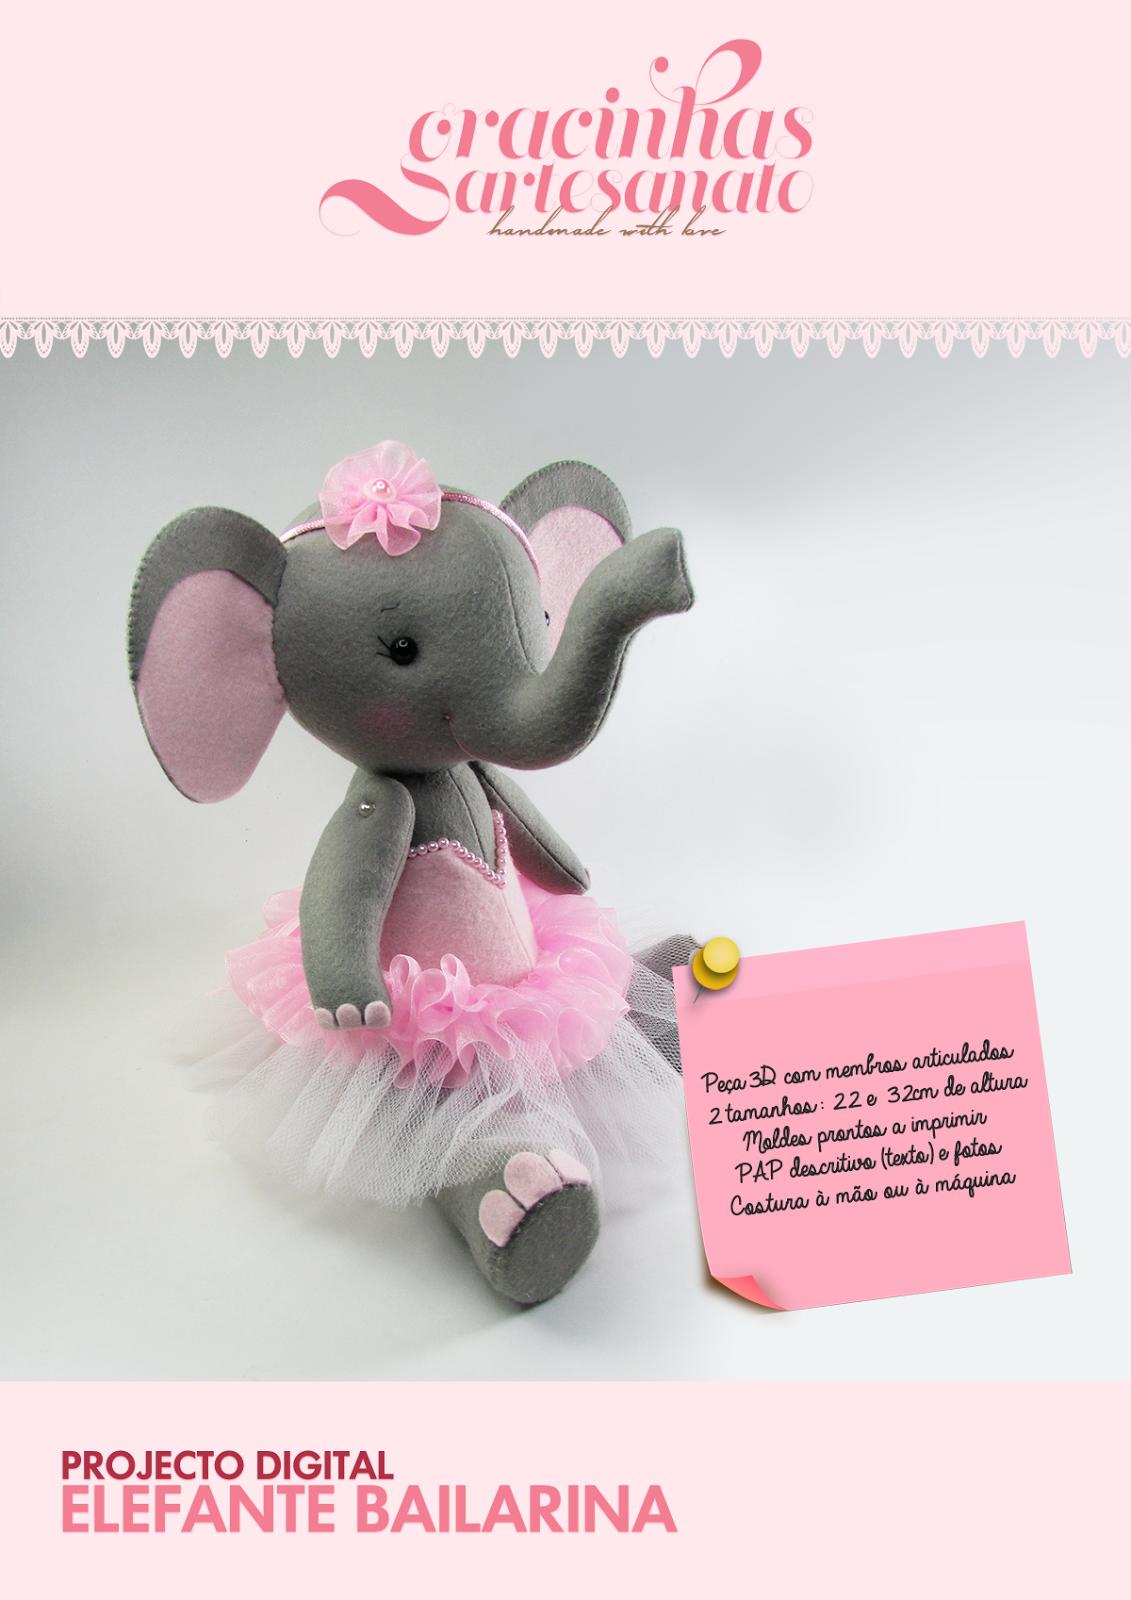 Projeto Digital: Elefante Bailarina | Gracinhas Artesanato